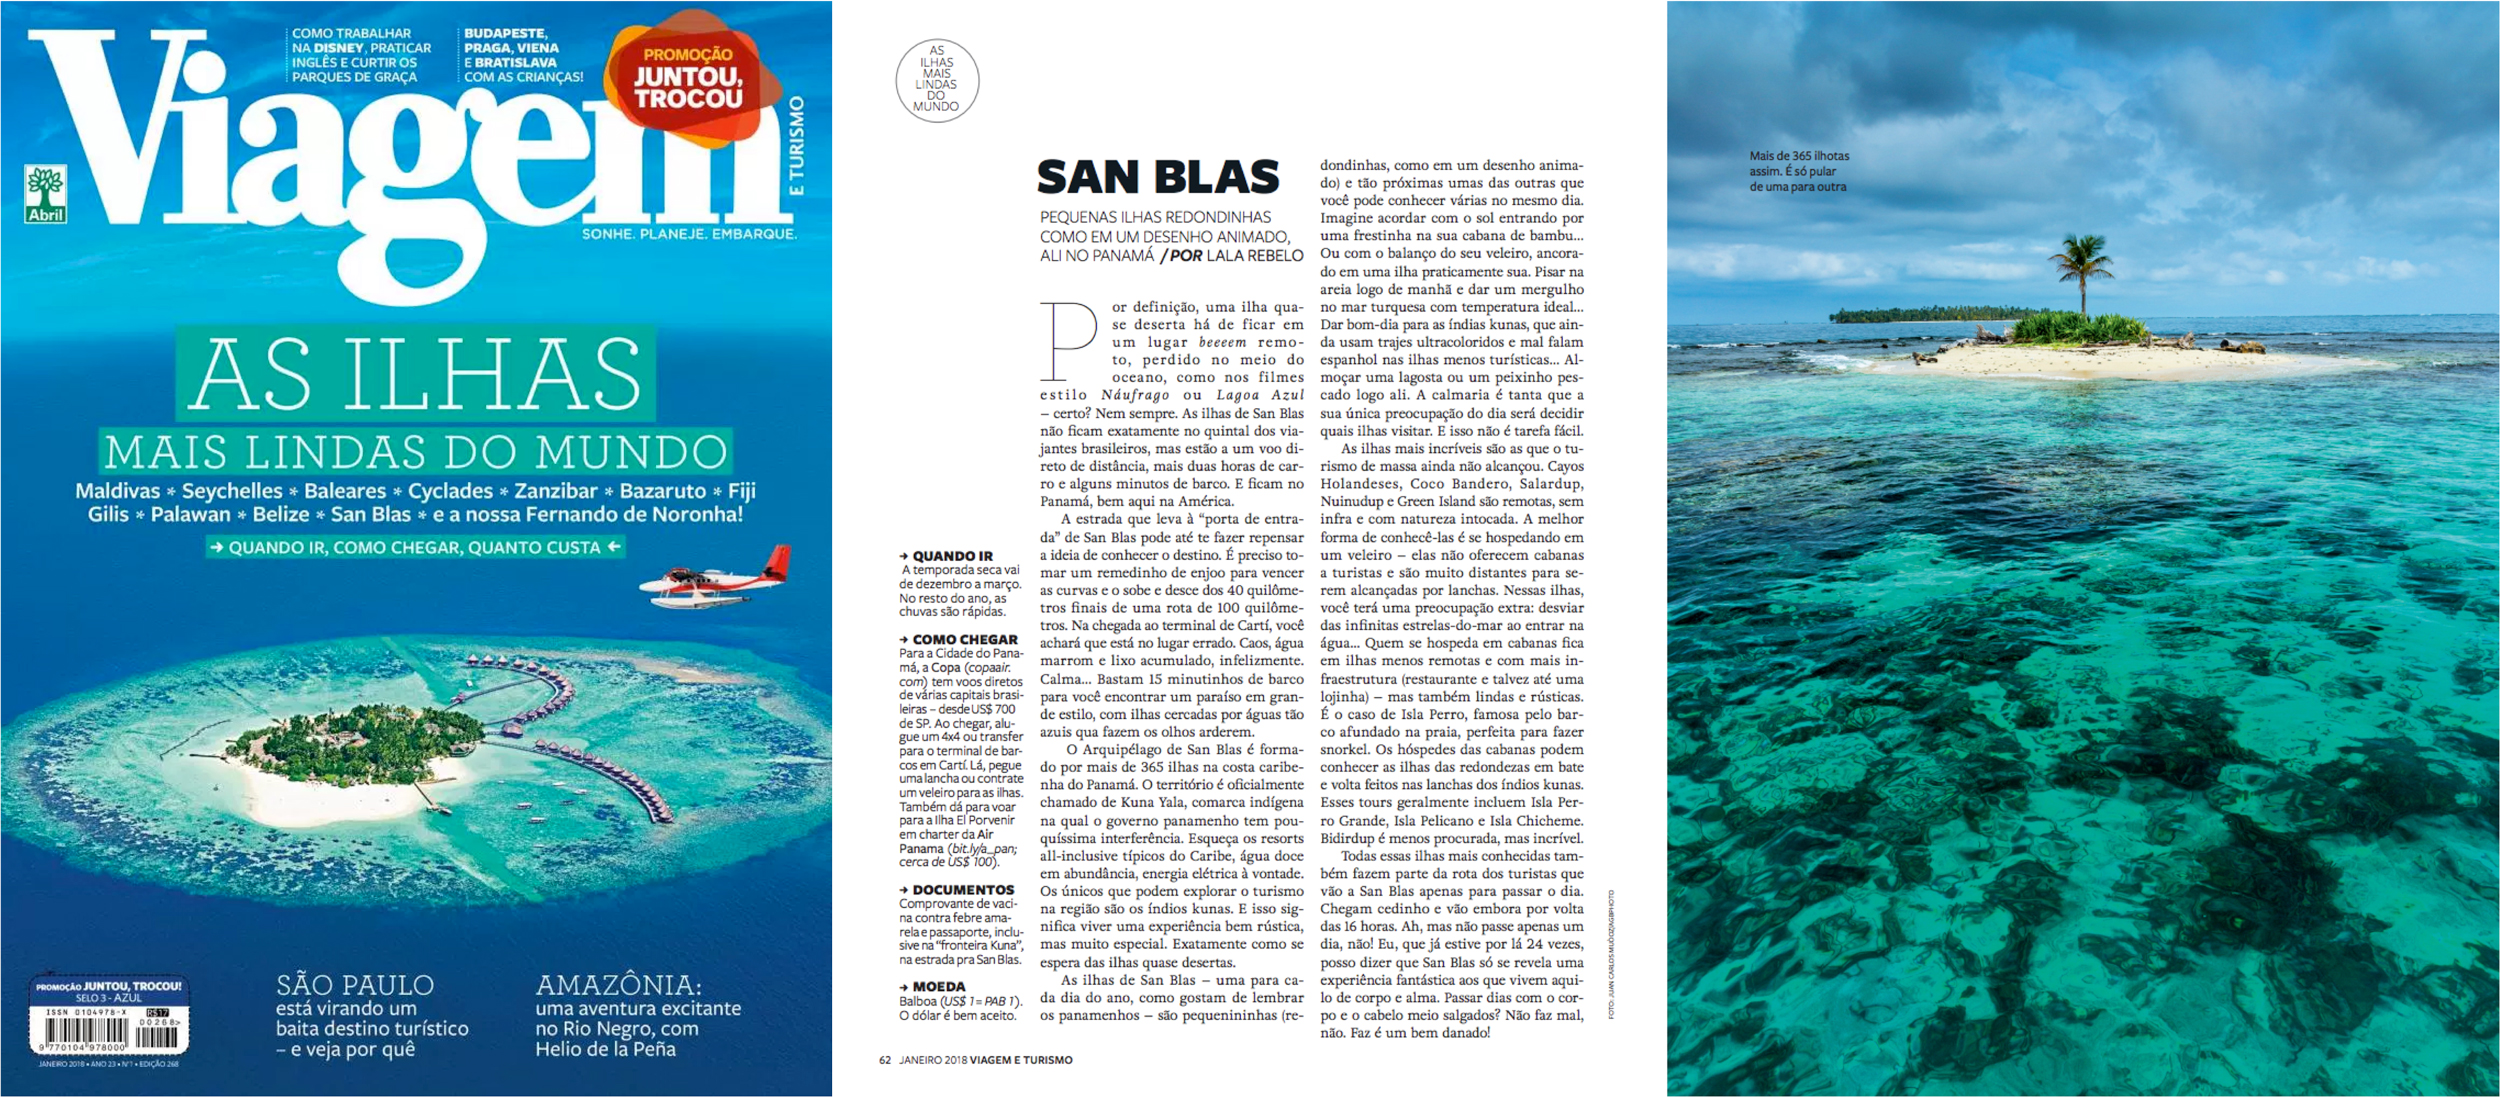 c730a33a50d2 revista viagem e turismo janeiro 2018 as ilhas mais lindas do mundo san  blas panama lala